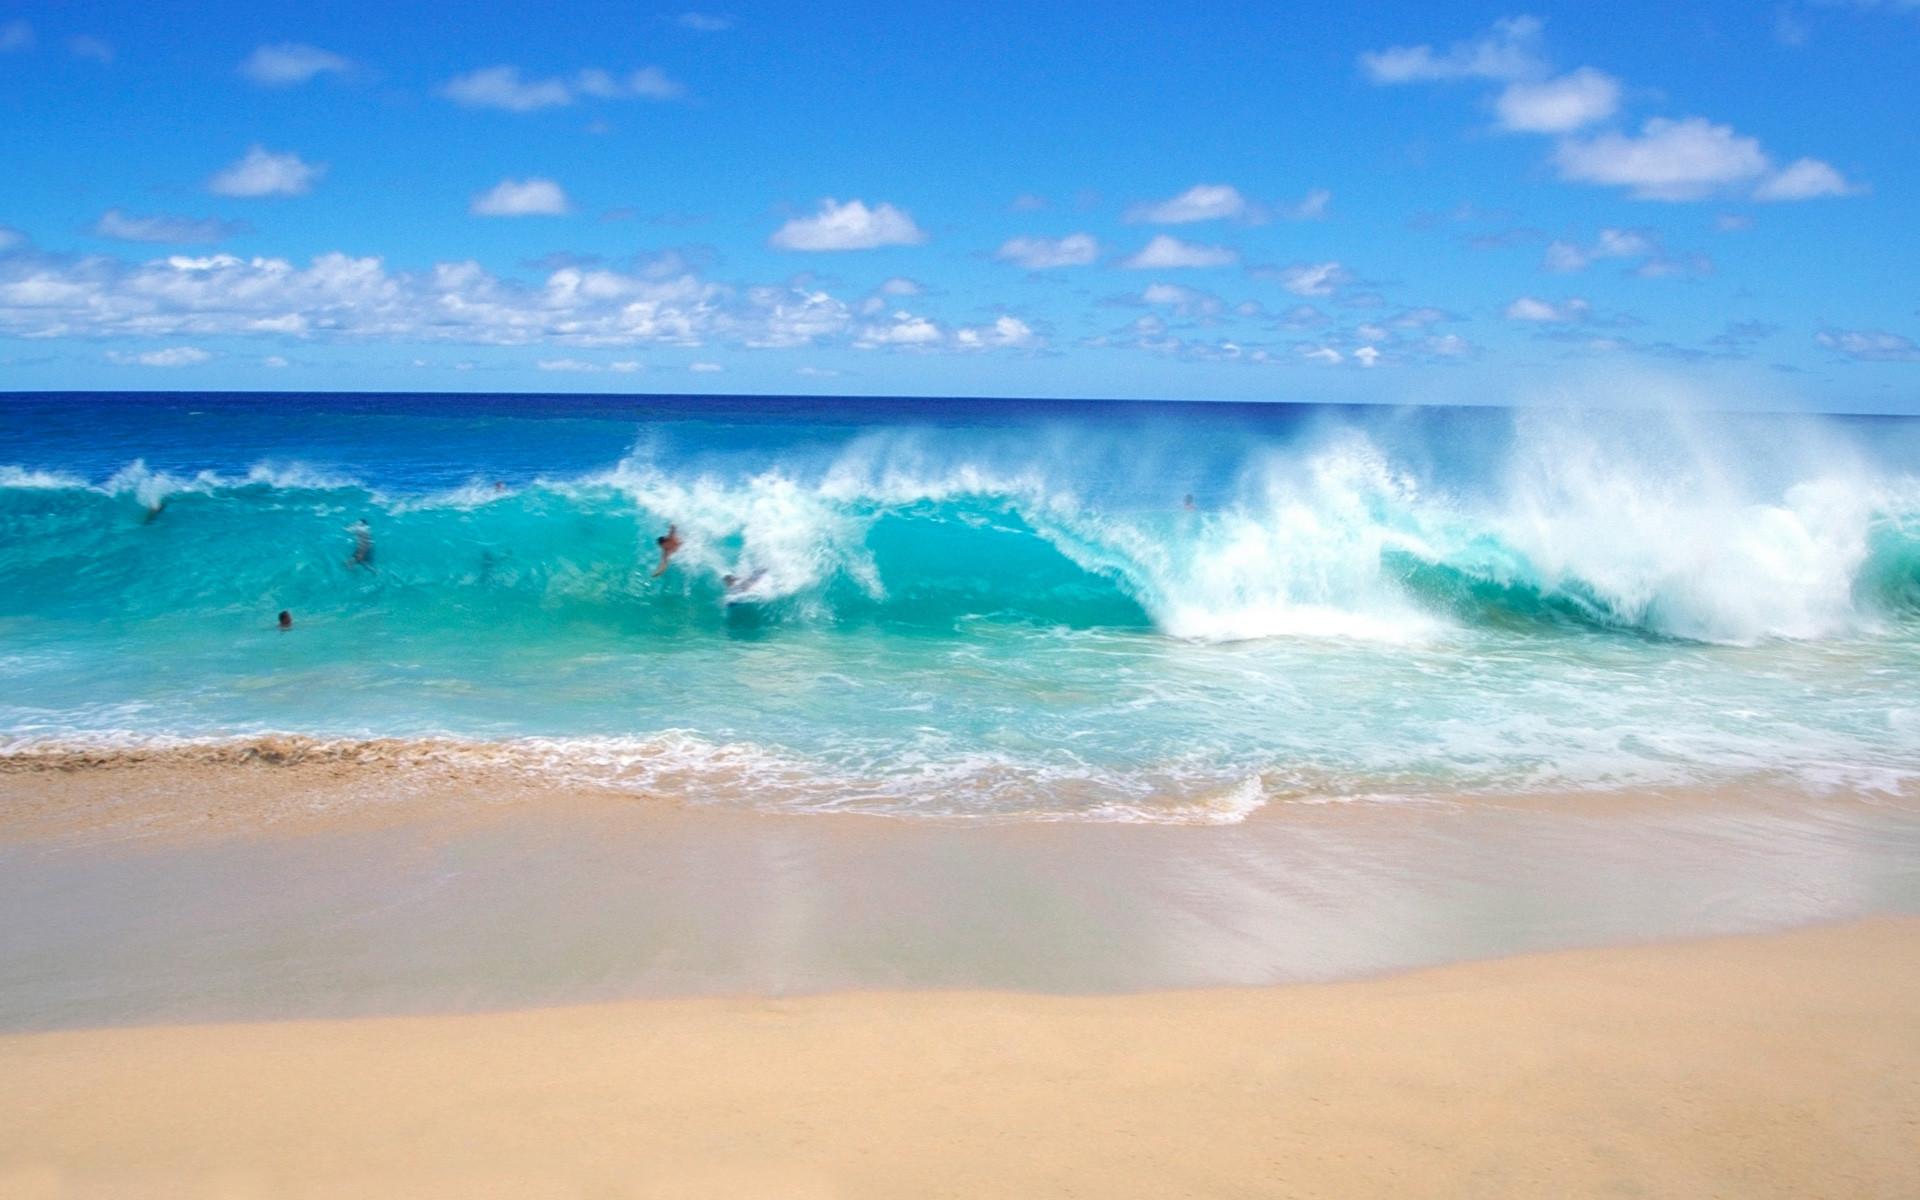 Ocean Beach Backgrounds